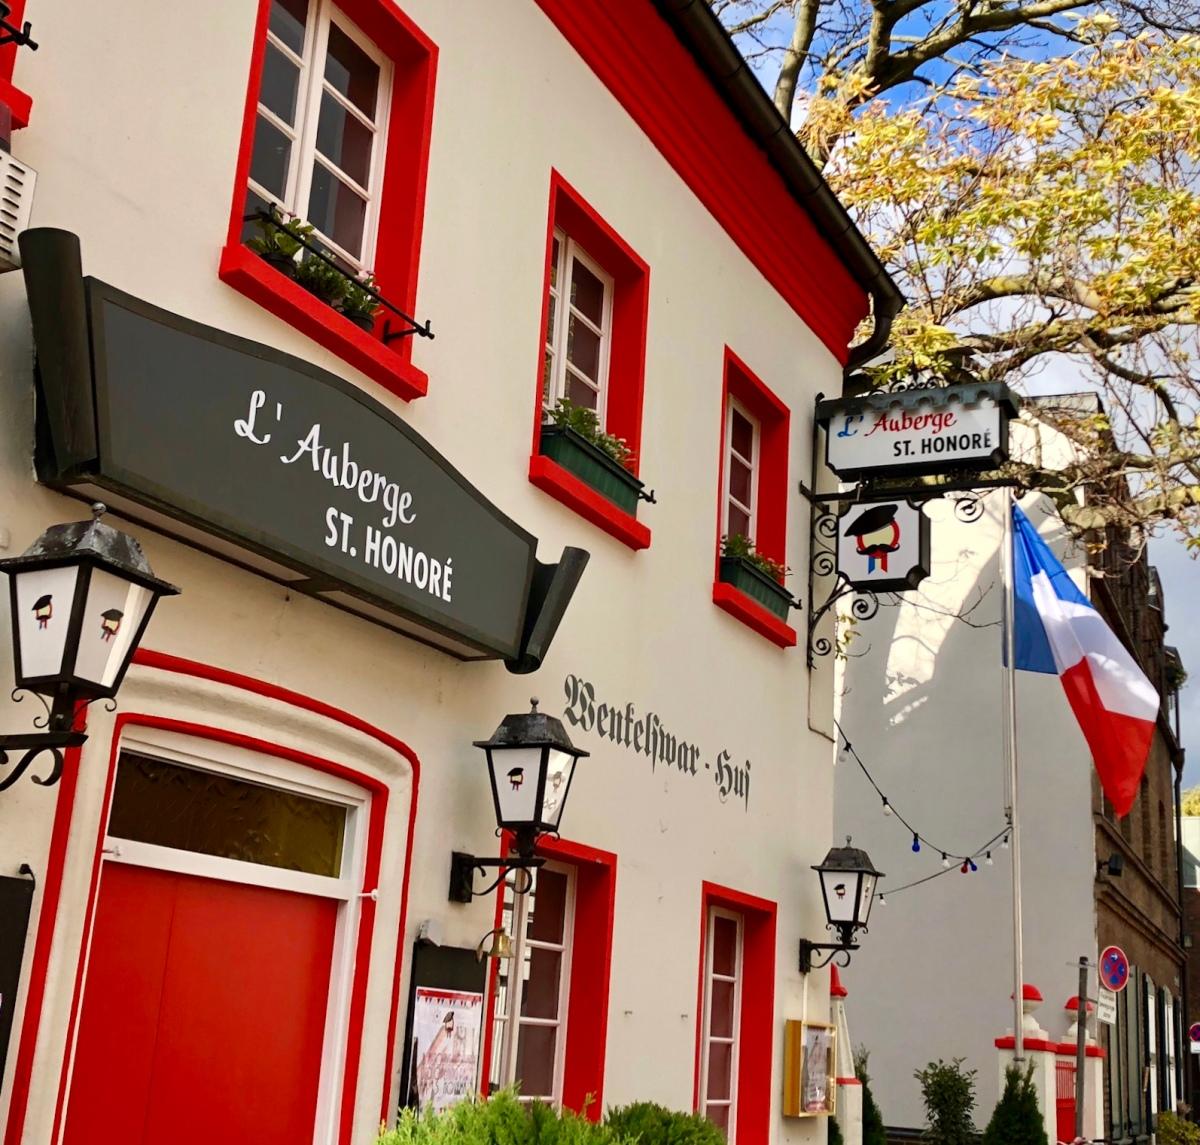 L'Auberge St. Honoré Niederkassel, le compte à rebours est lancé !